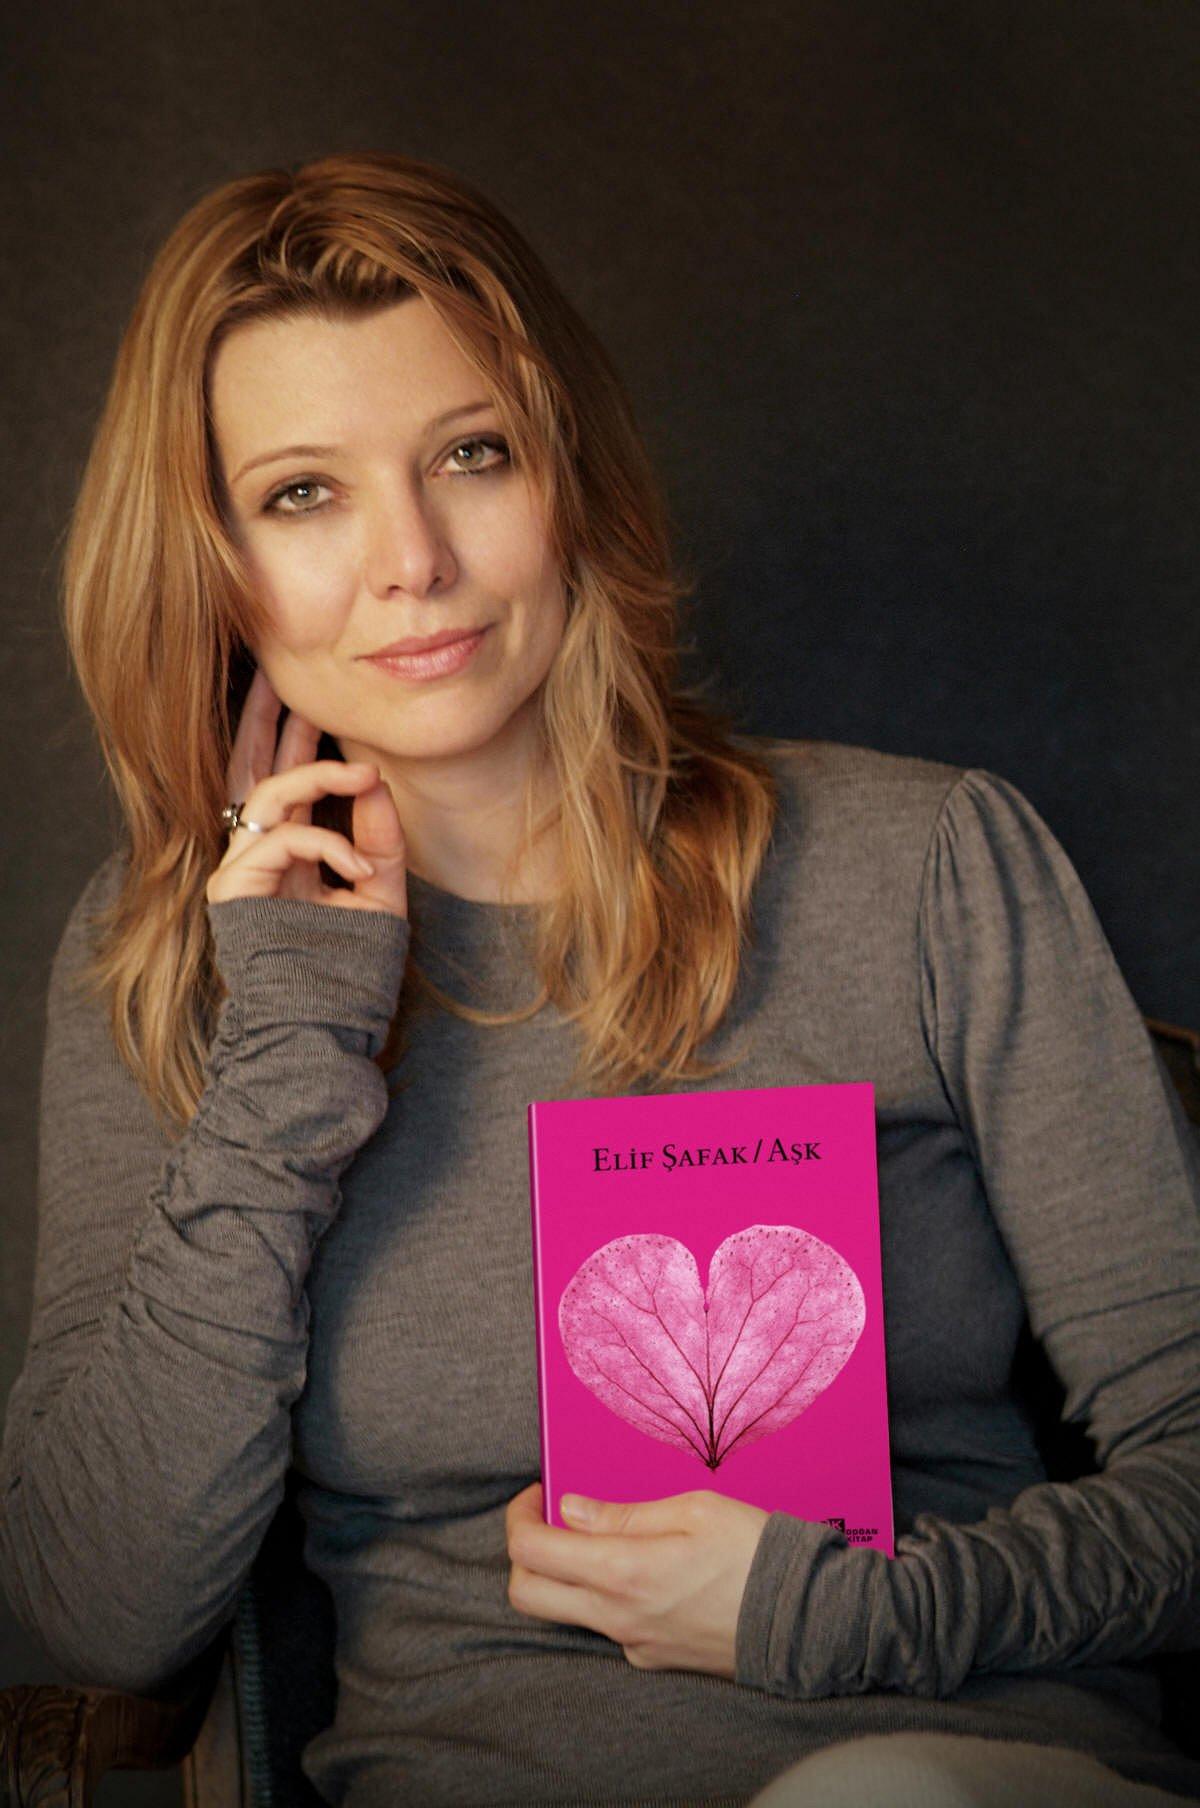 Turkse auteur Elif Shafak komt uit de kast als biseksueel